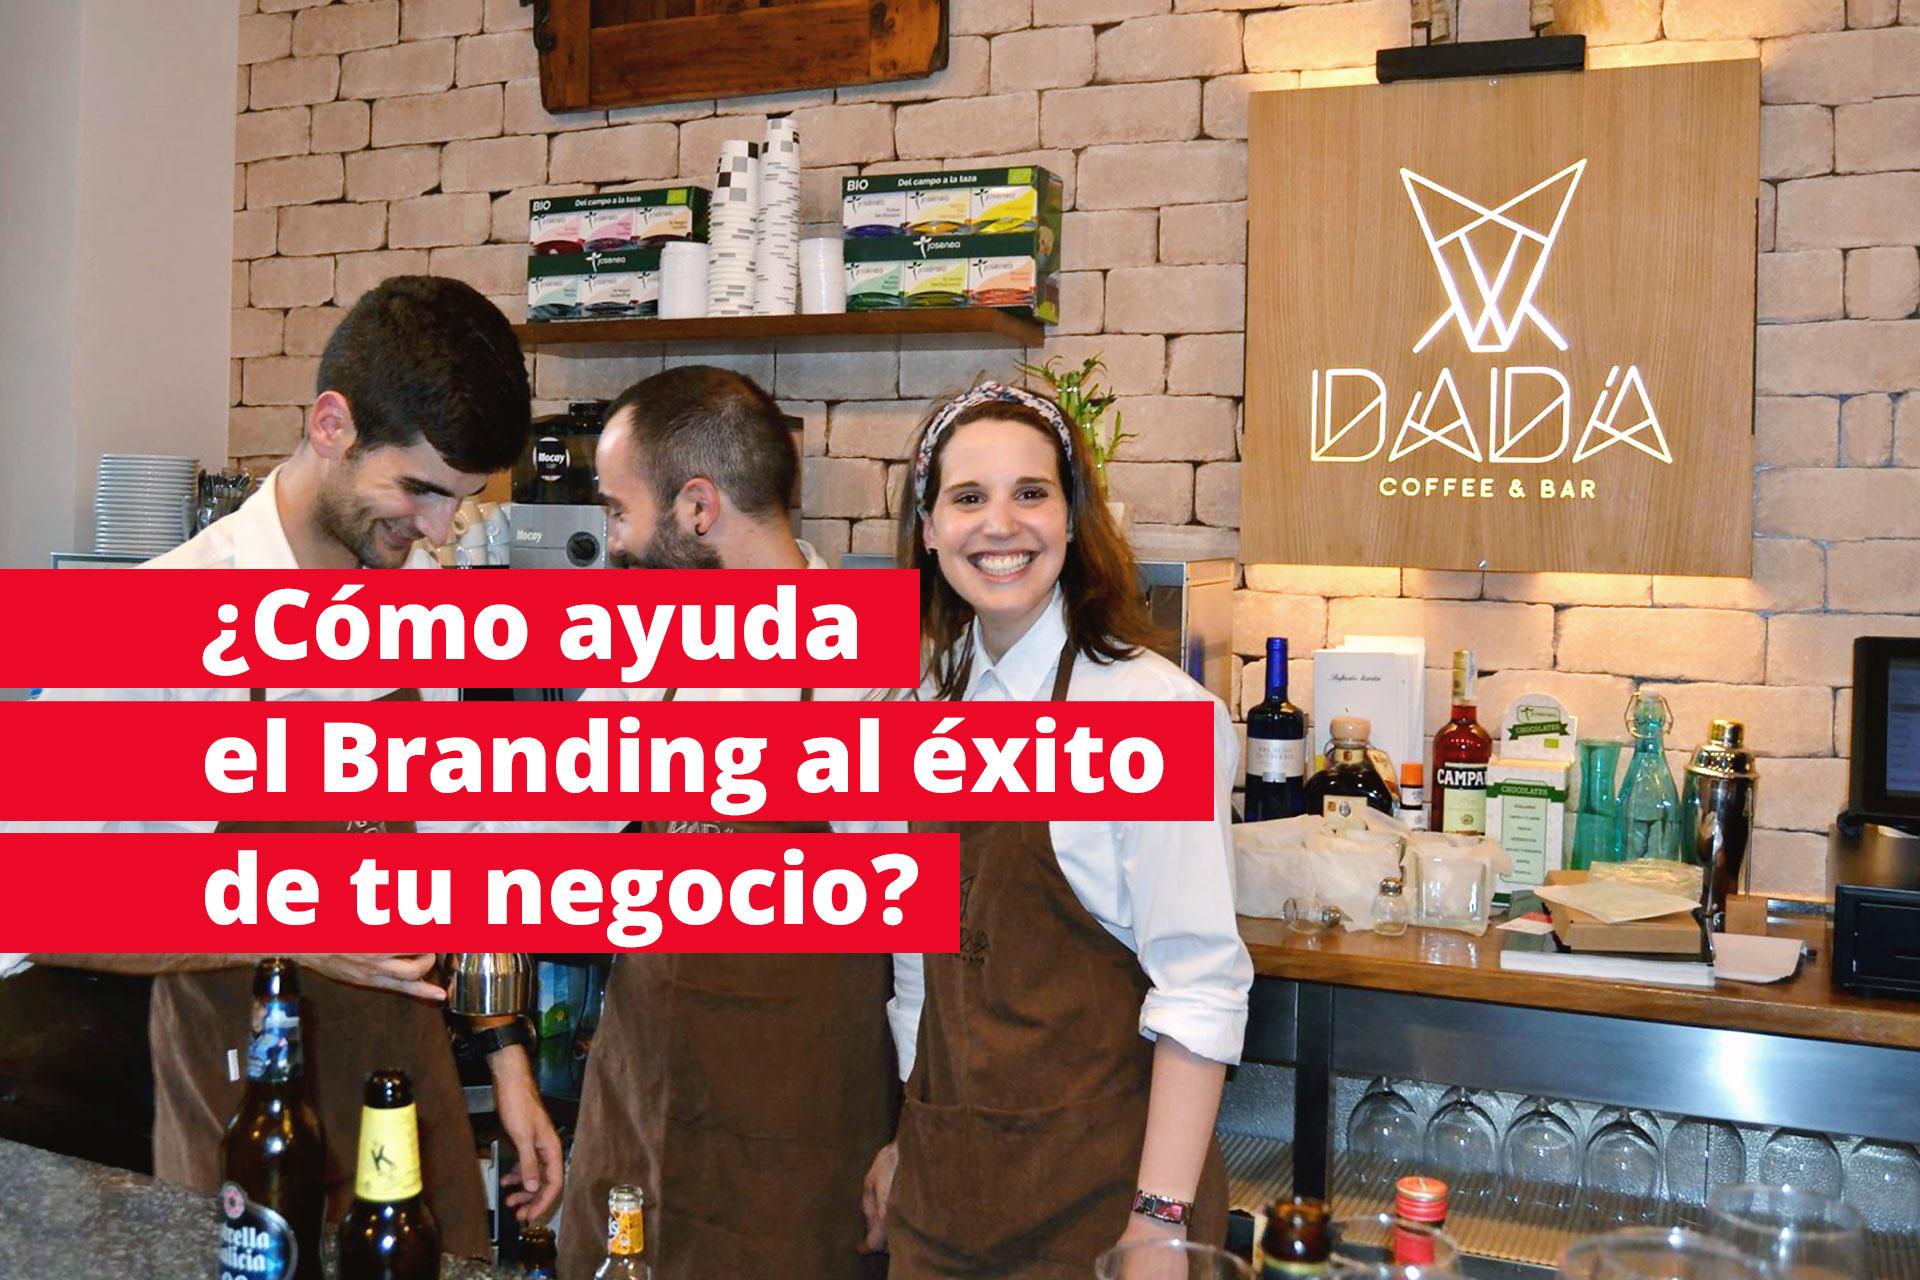 cómo ayuda el branding al éxito de tu negocio